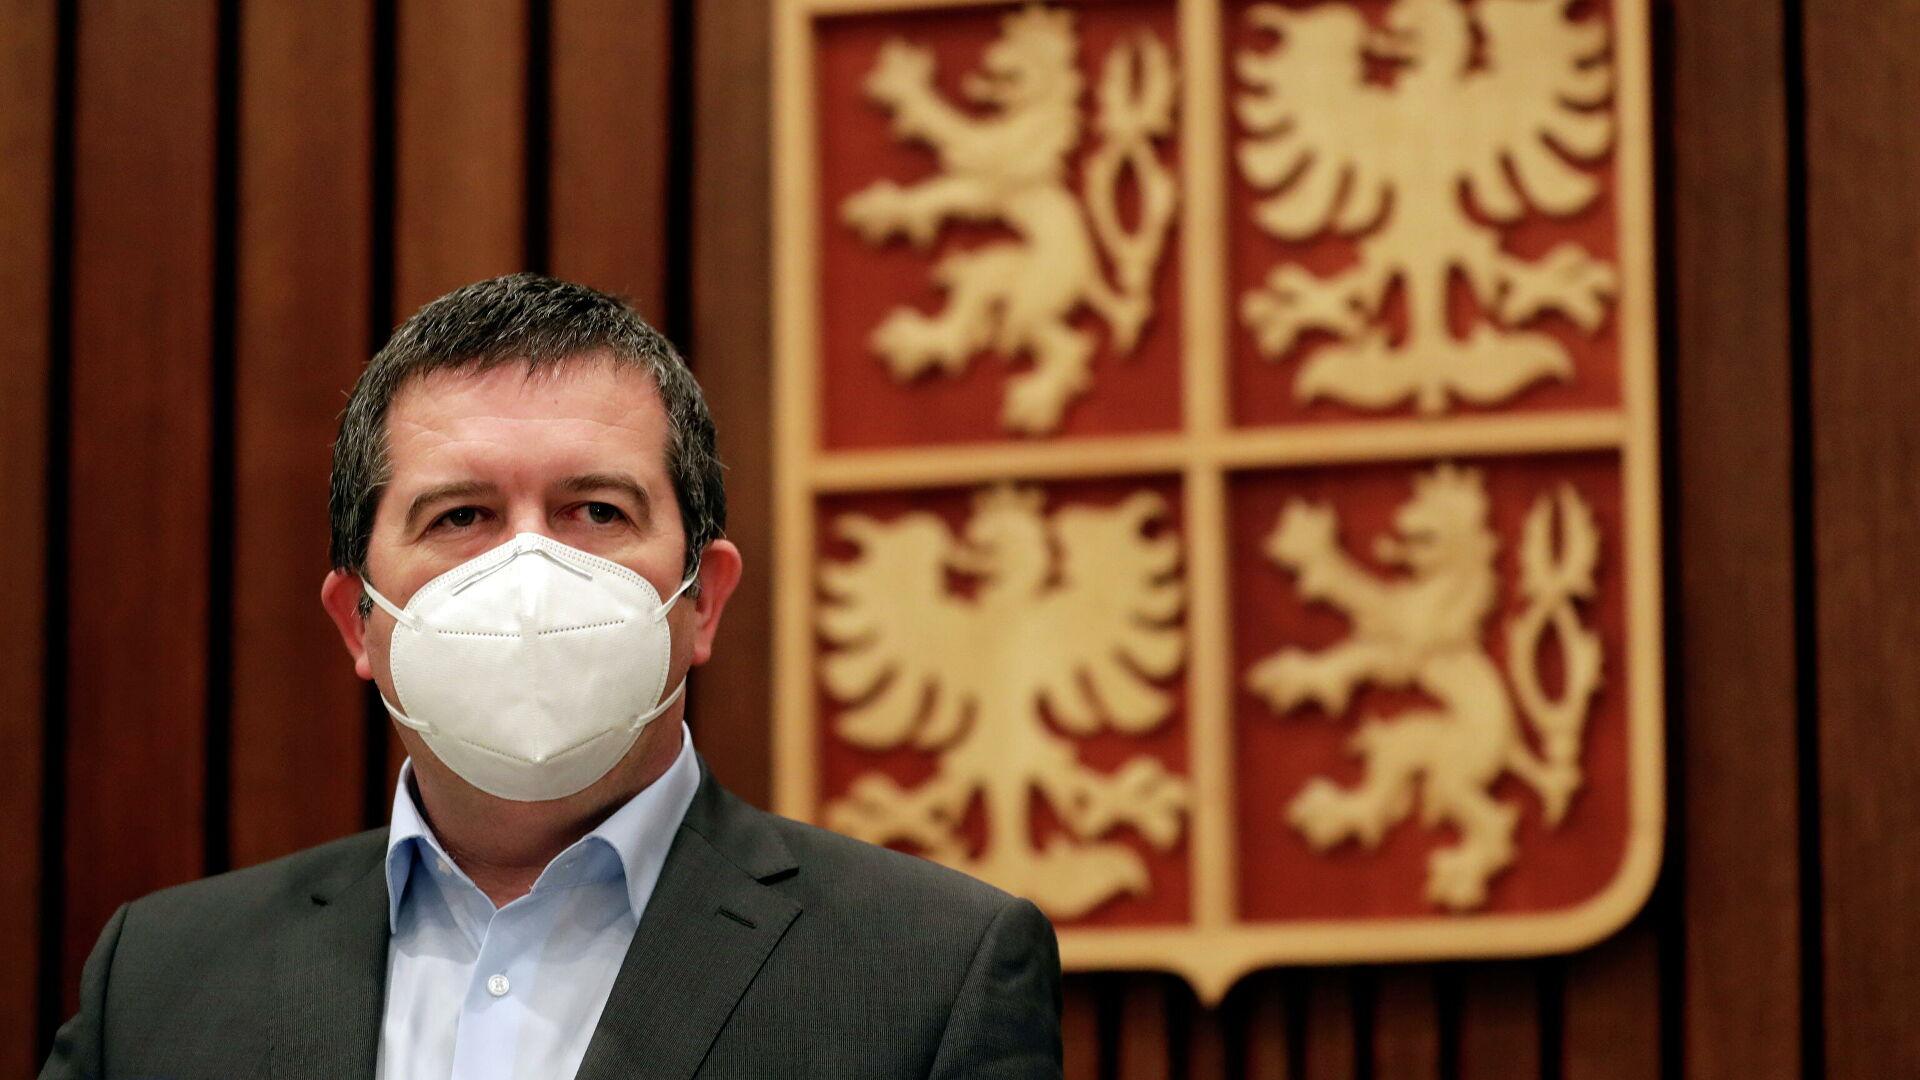 В Чехии предложили рассмотреть вопрос компенсаций жителям Врбетице